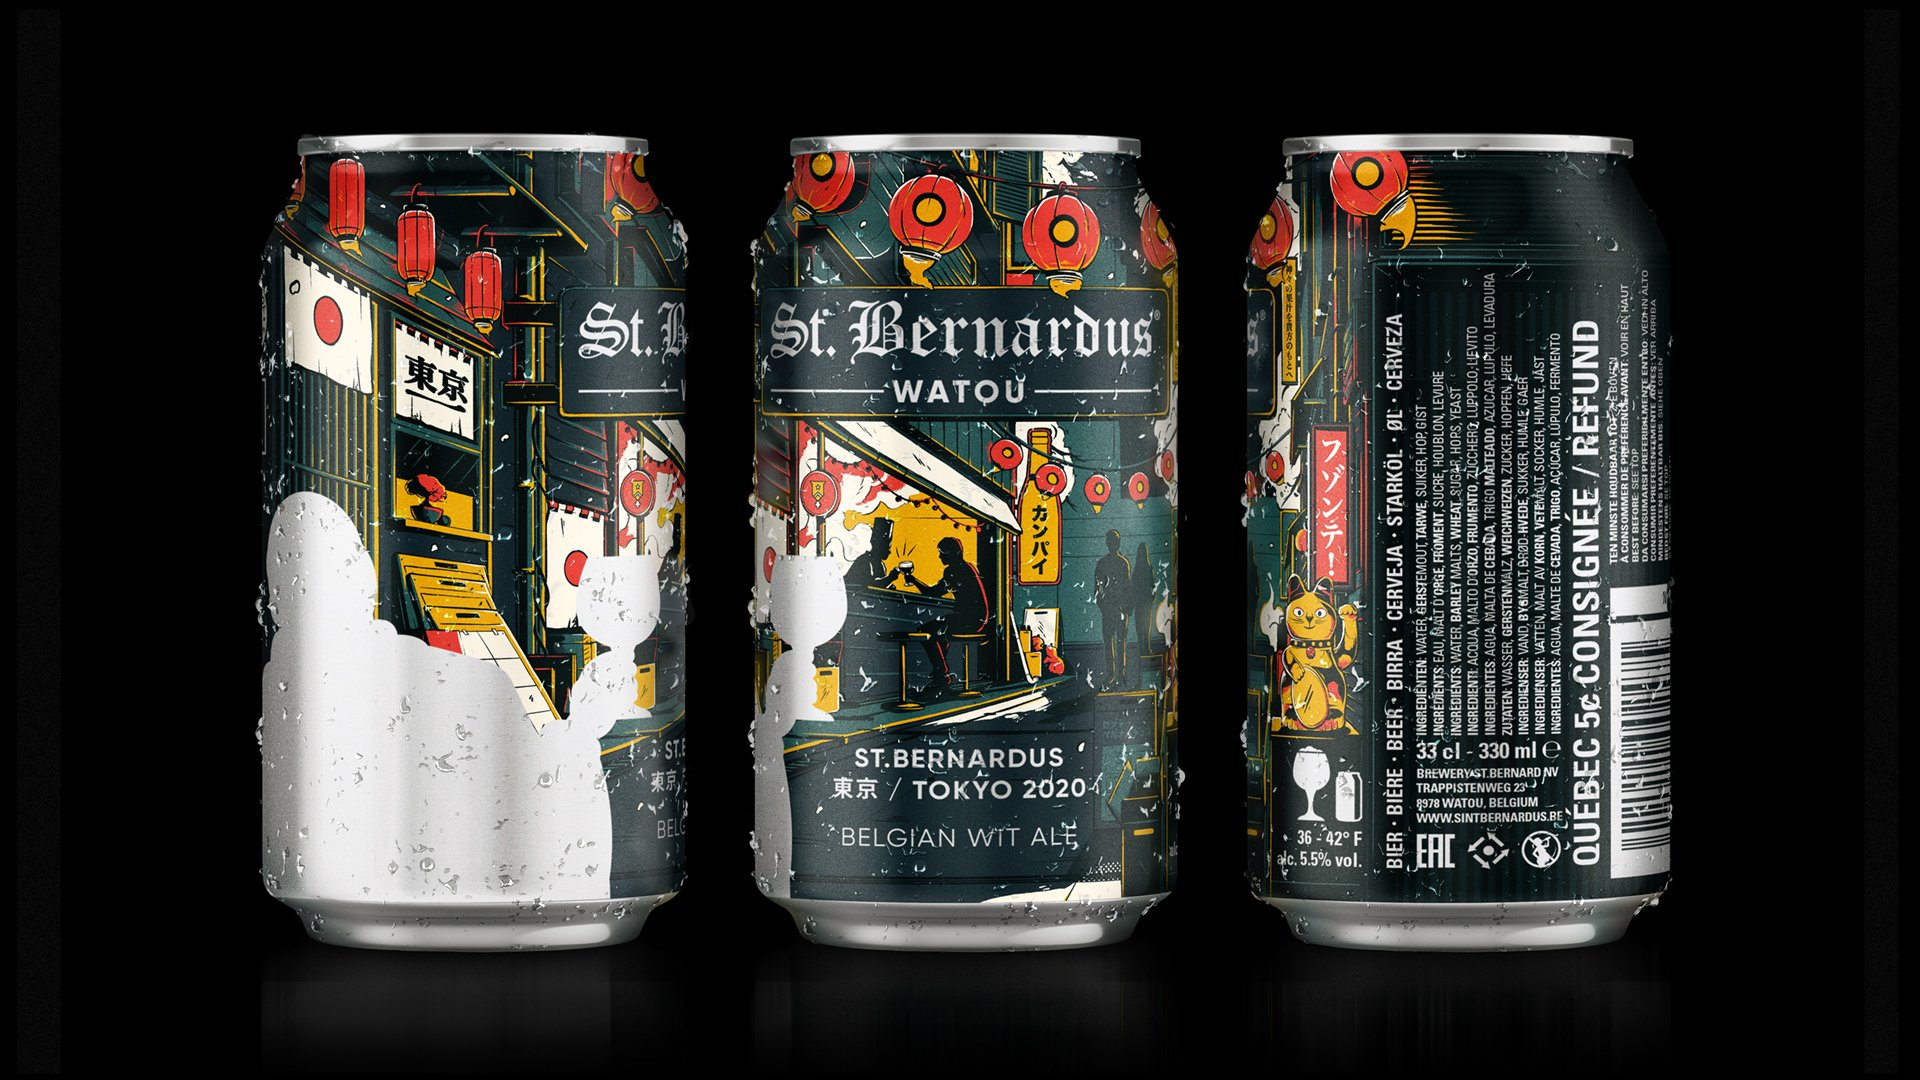 Beer can St. Bernardus Tokyo